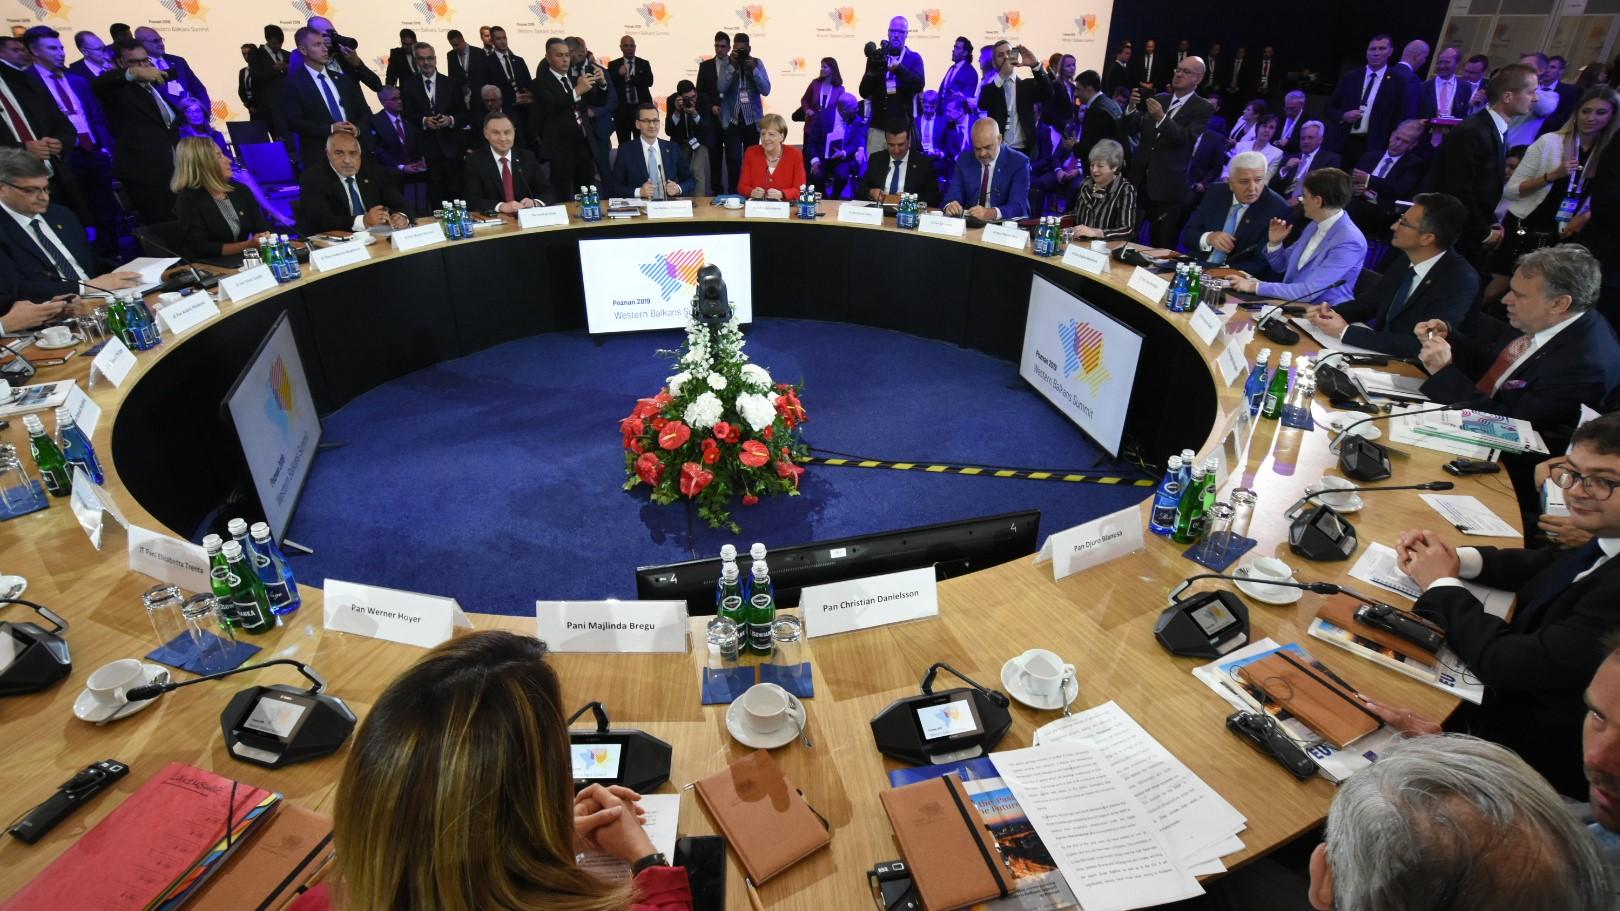 Szczyt bałkański dzień trzeci Andrzej Duda Angela Merkel Mateusz Morawiecki - Wojtek Wardejn